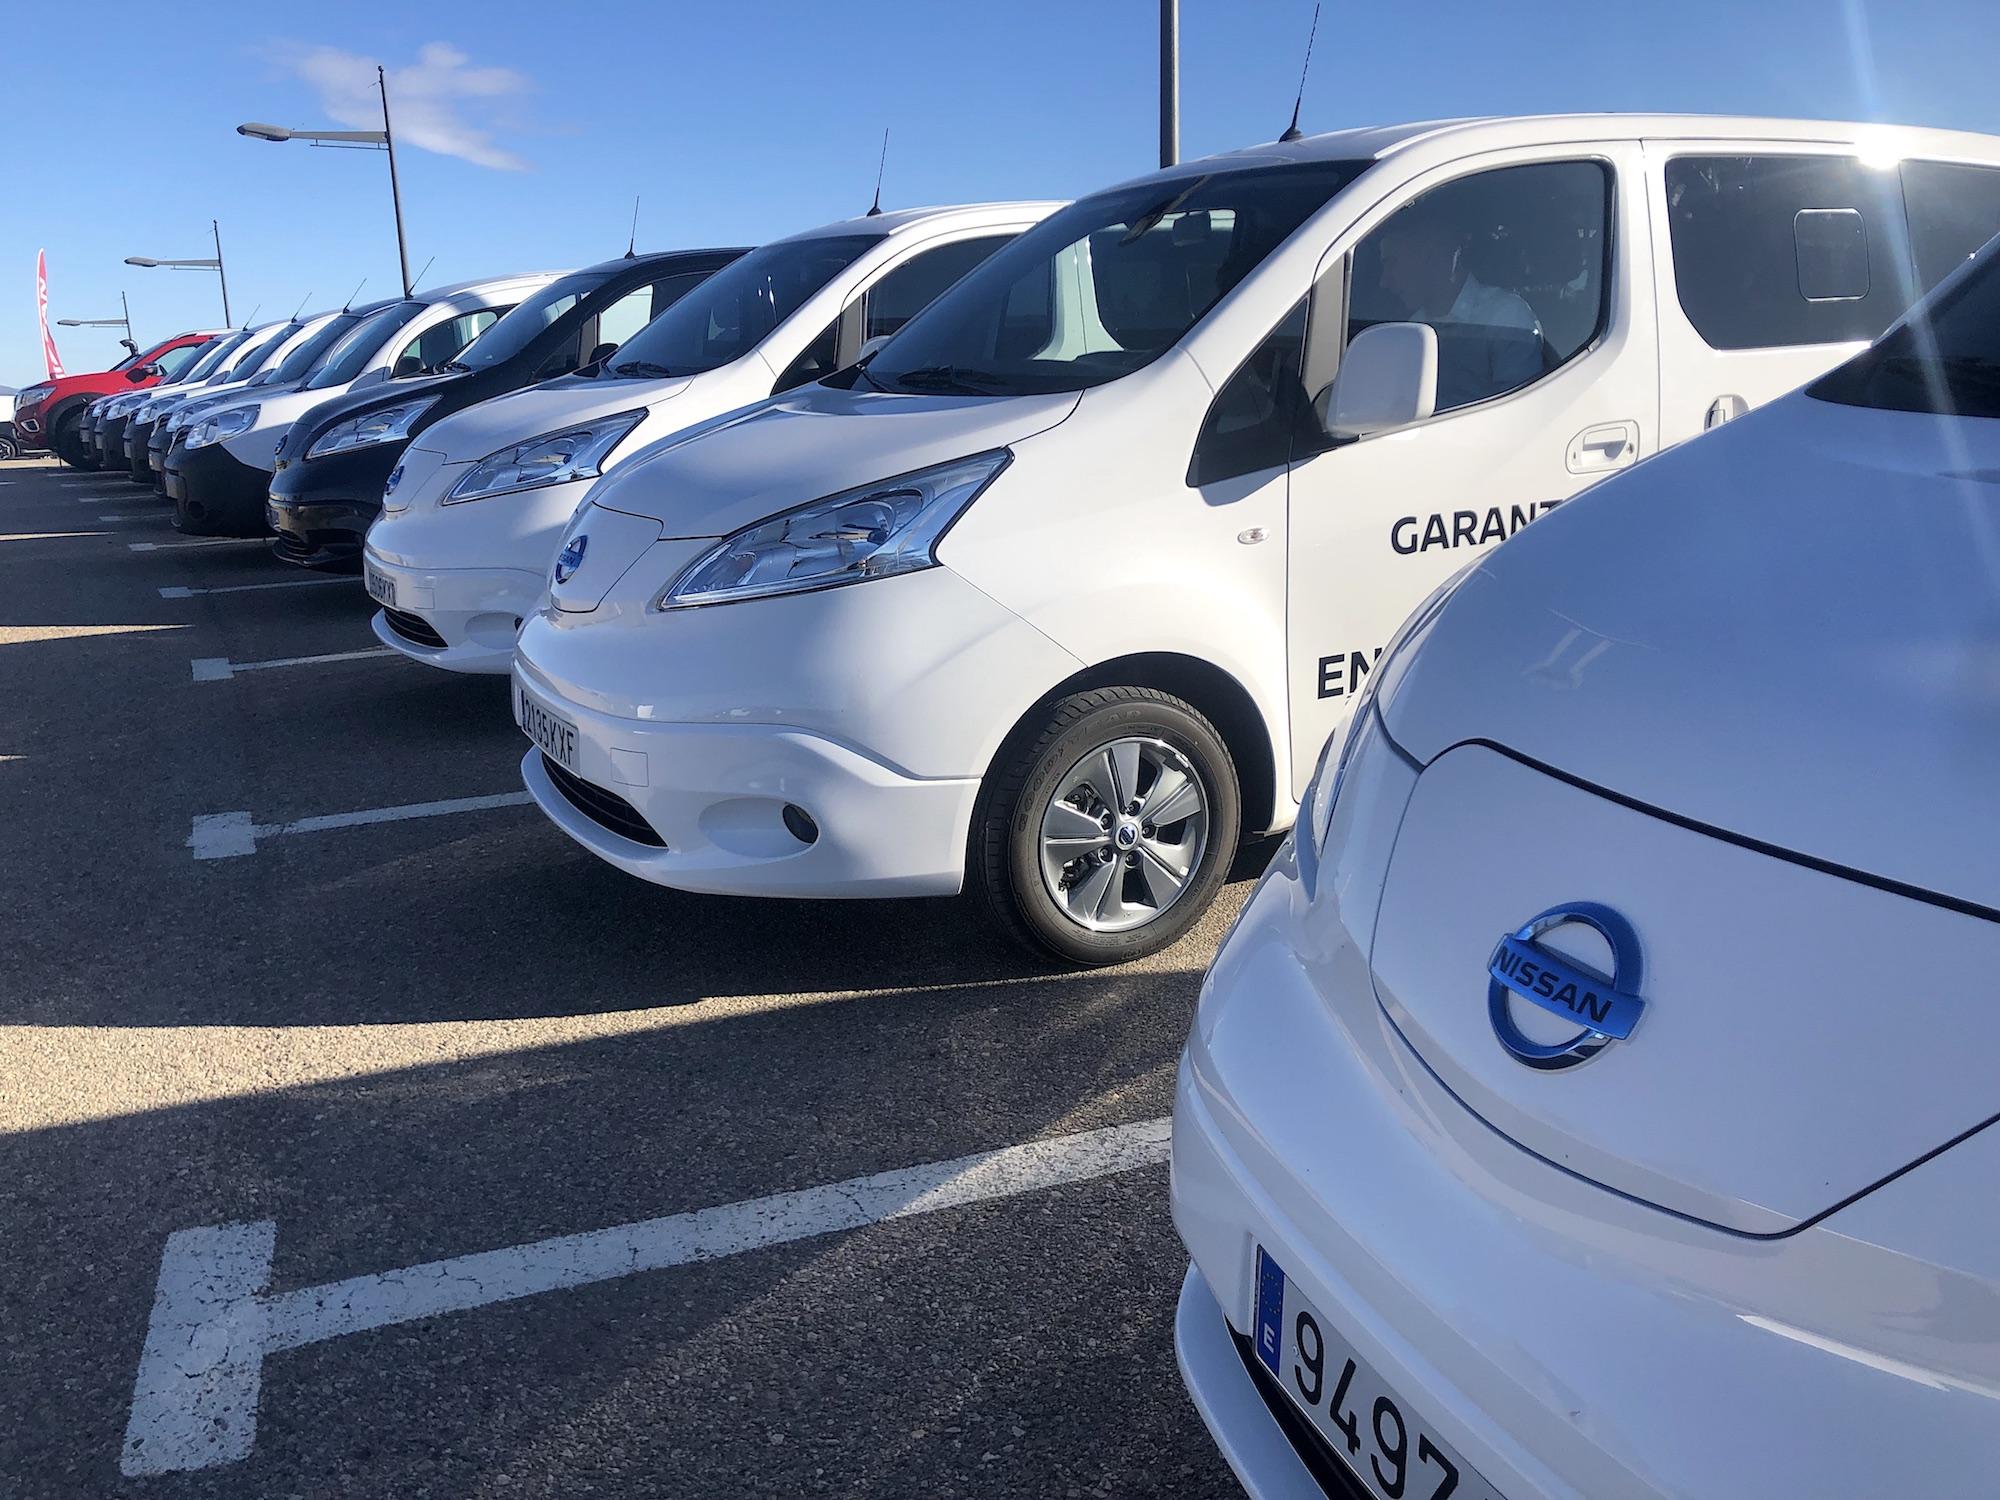 Varios vehículos comerciales, eléctricos y de combustión interna del fabricante de automóviles Nissan. / FLEET PEOPLE